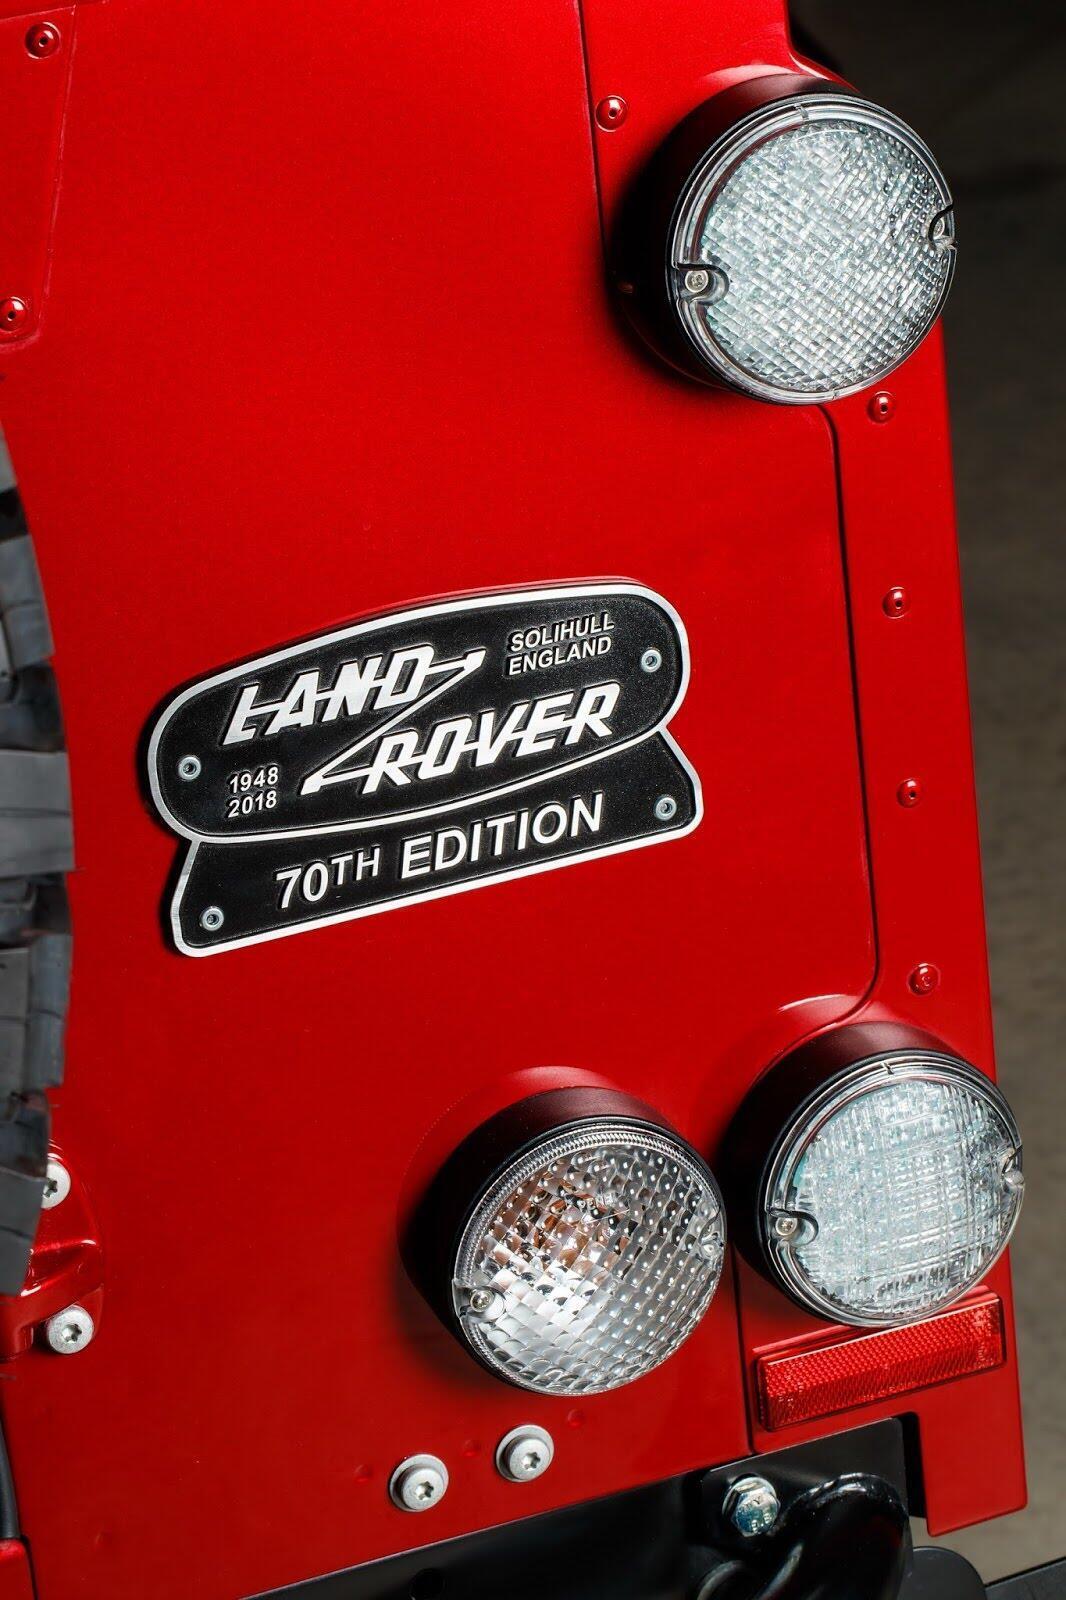 Land Rover Defender phiên bản kỷ niệm 70 năm ra mắt; chỉ 150 chiếc được sản xuất - Hình 37